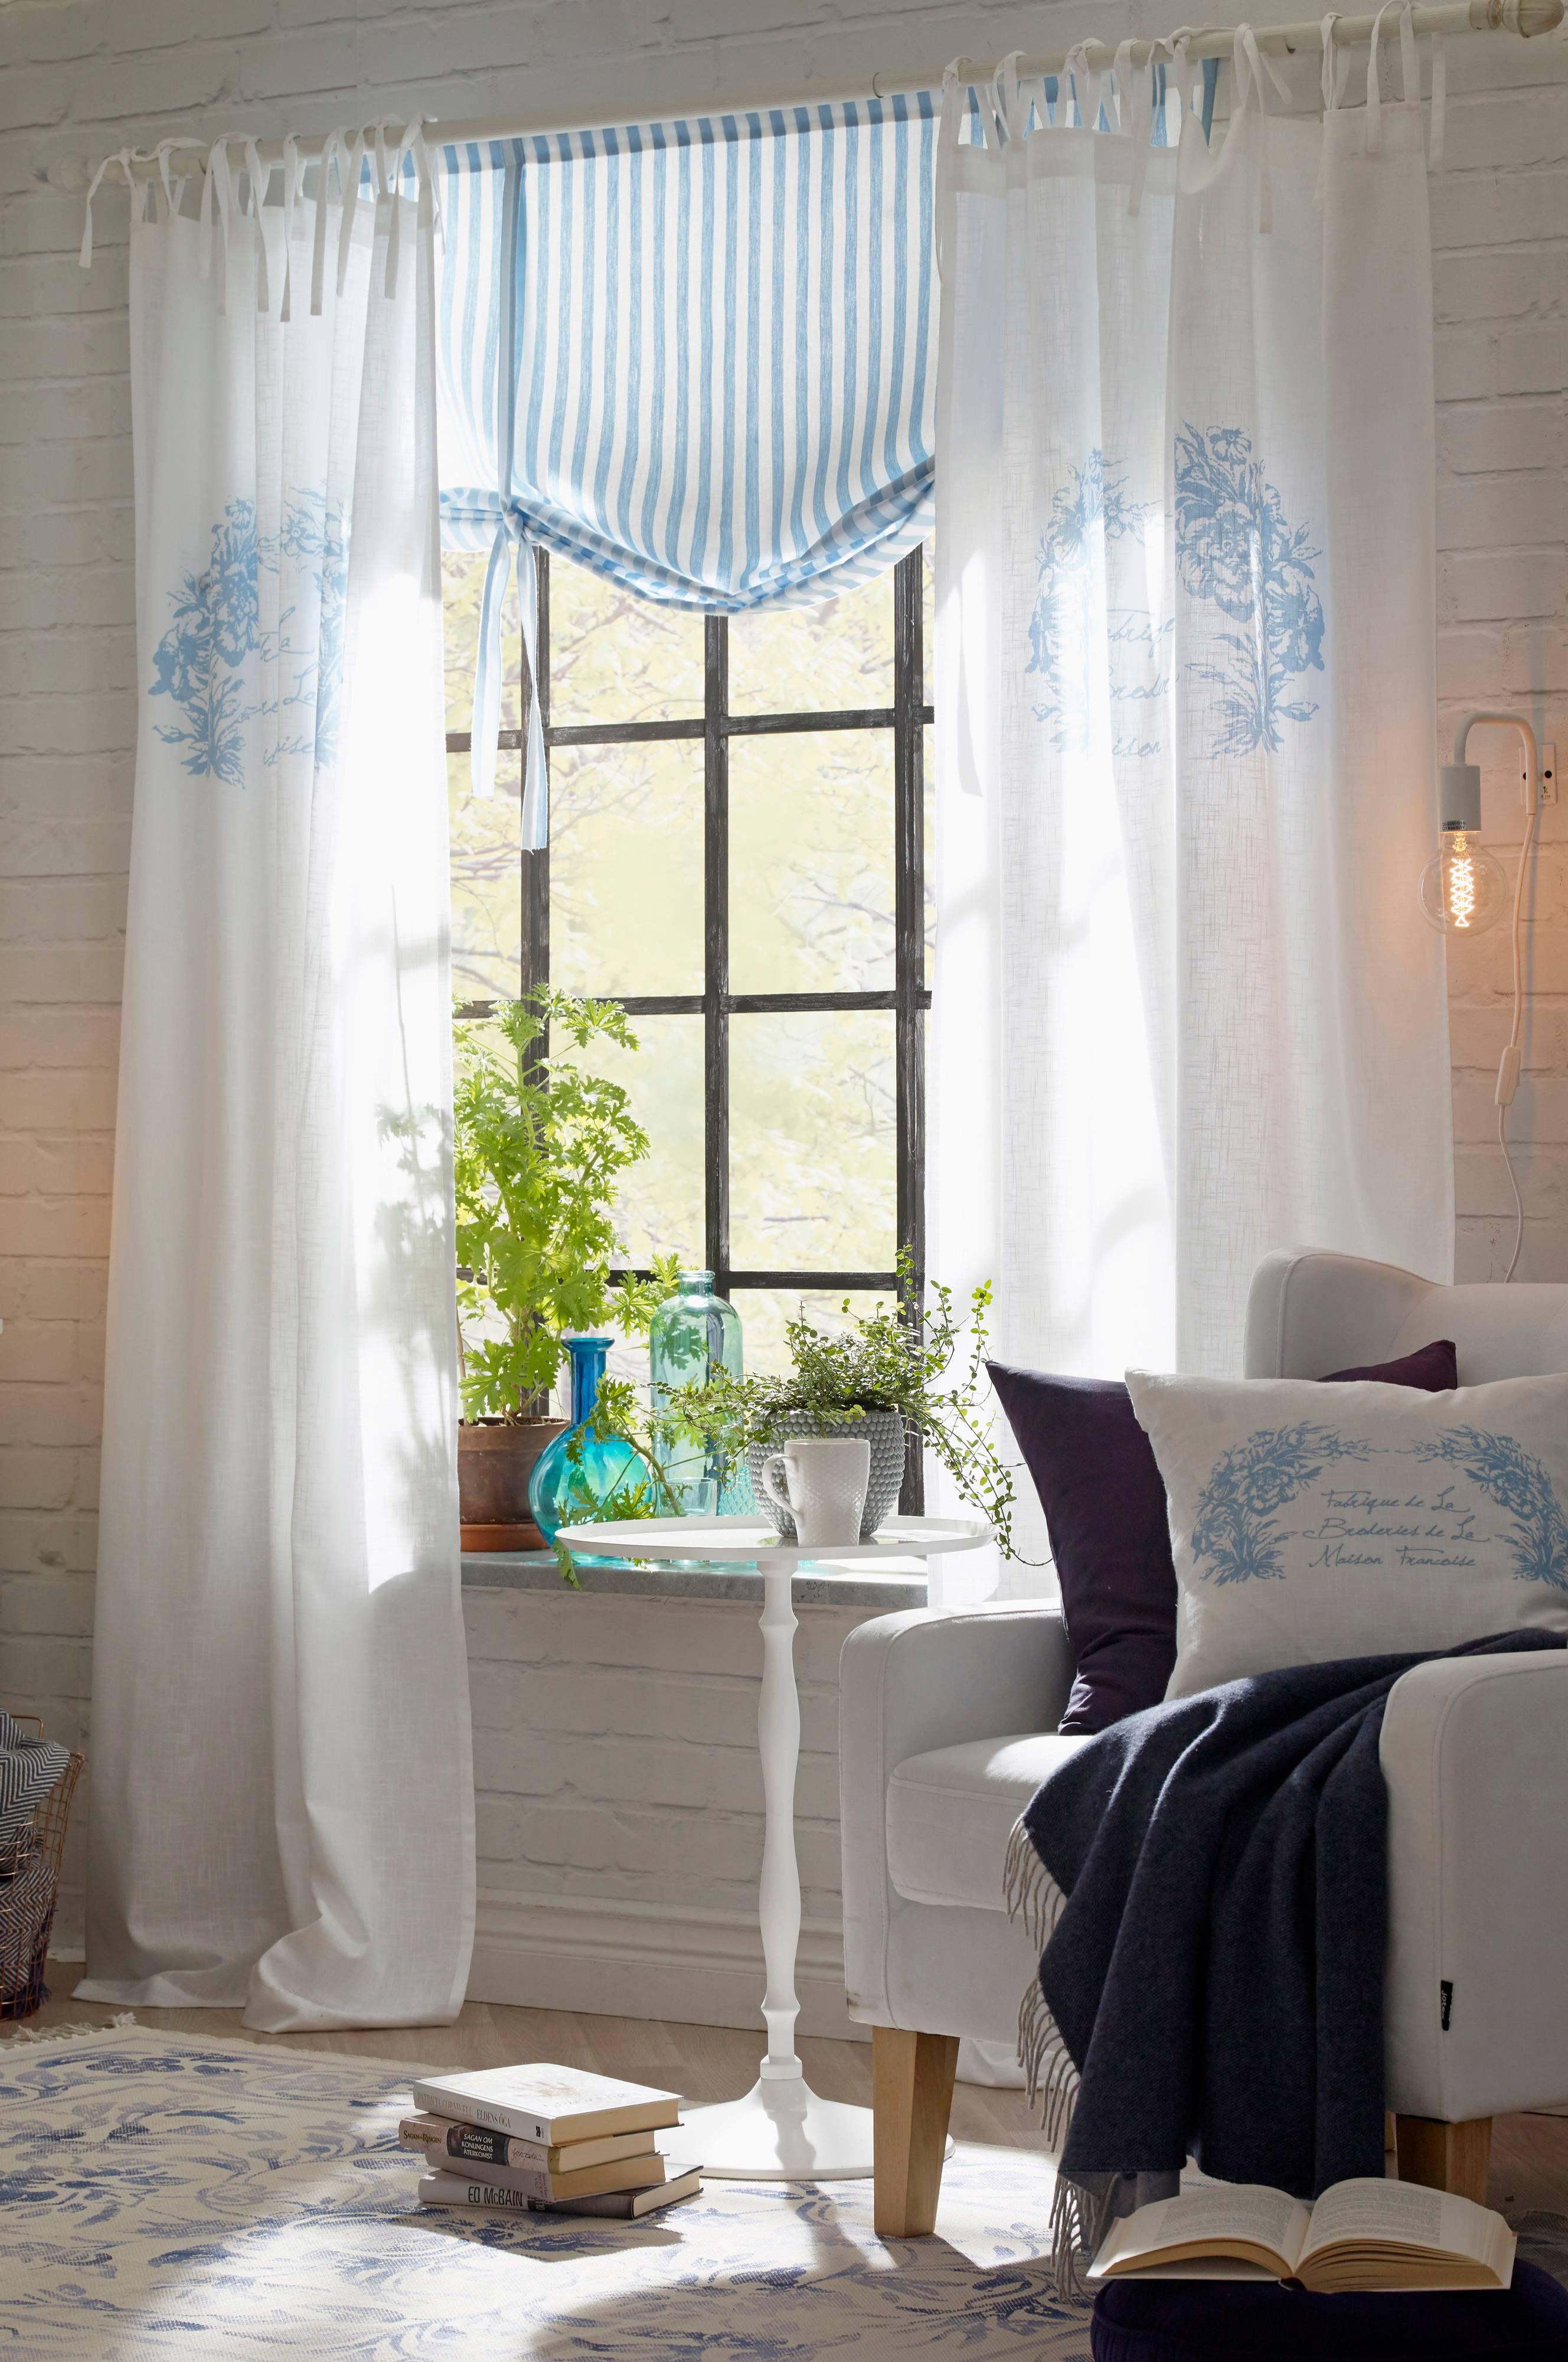 Romantiske Gardiner. Good Lantliga Gardiner Lantlig Inredning Sevendays P Interior Och Exterior ...